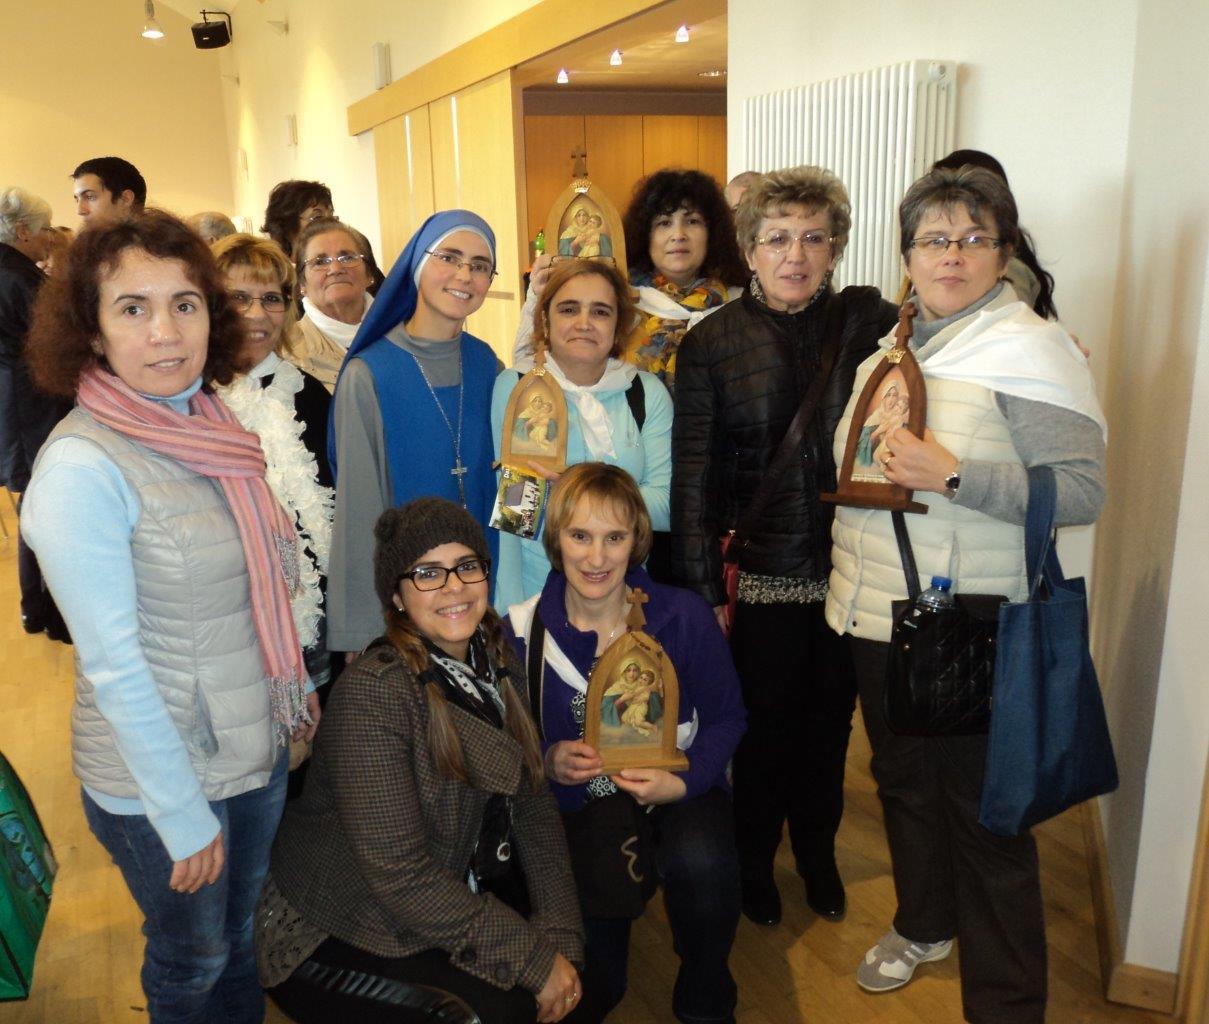 Marcha por la evangelizacion de Luxemburgo